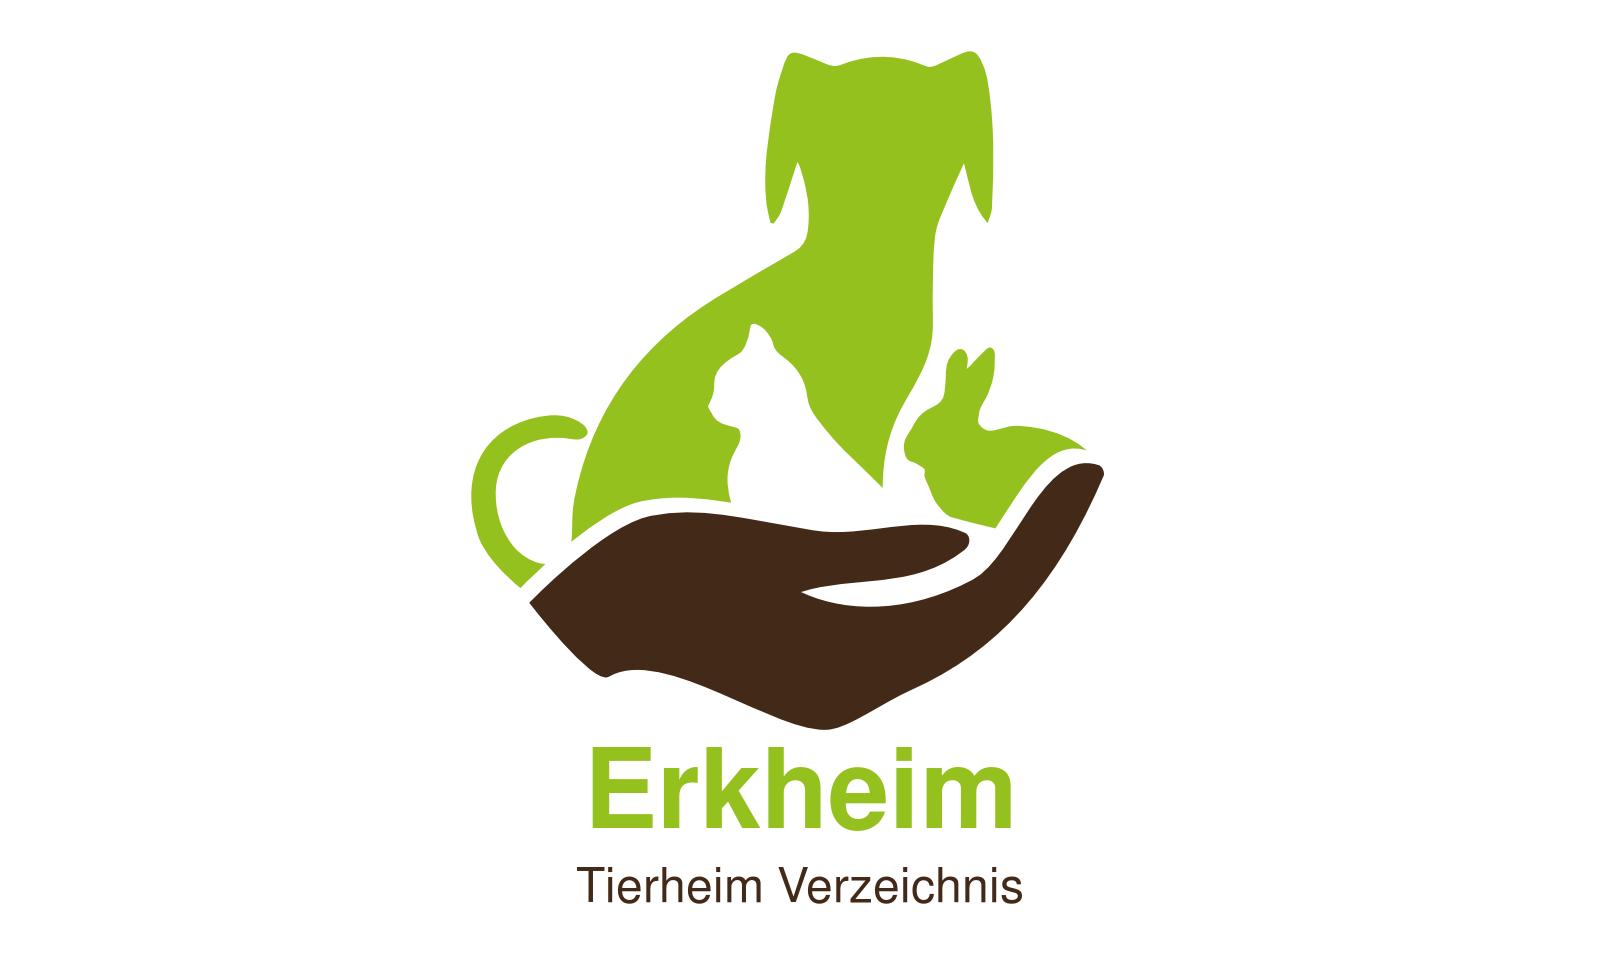 Tierheim Erkheim